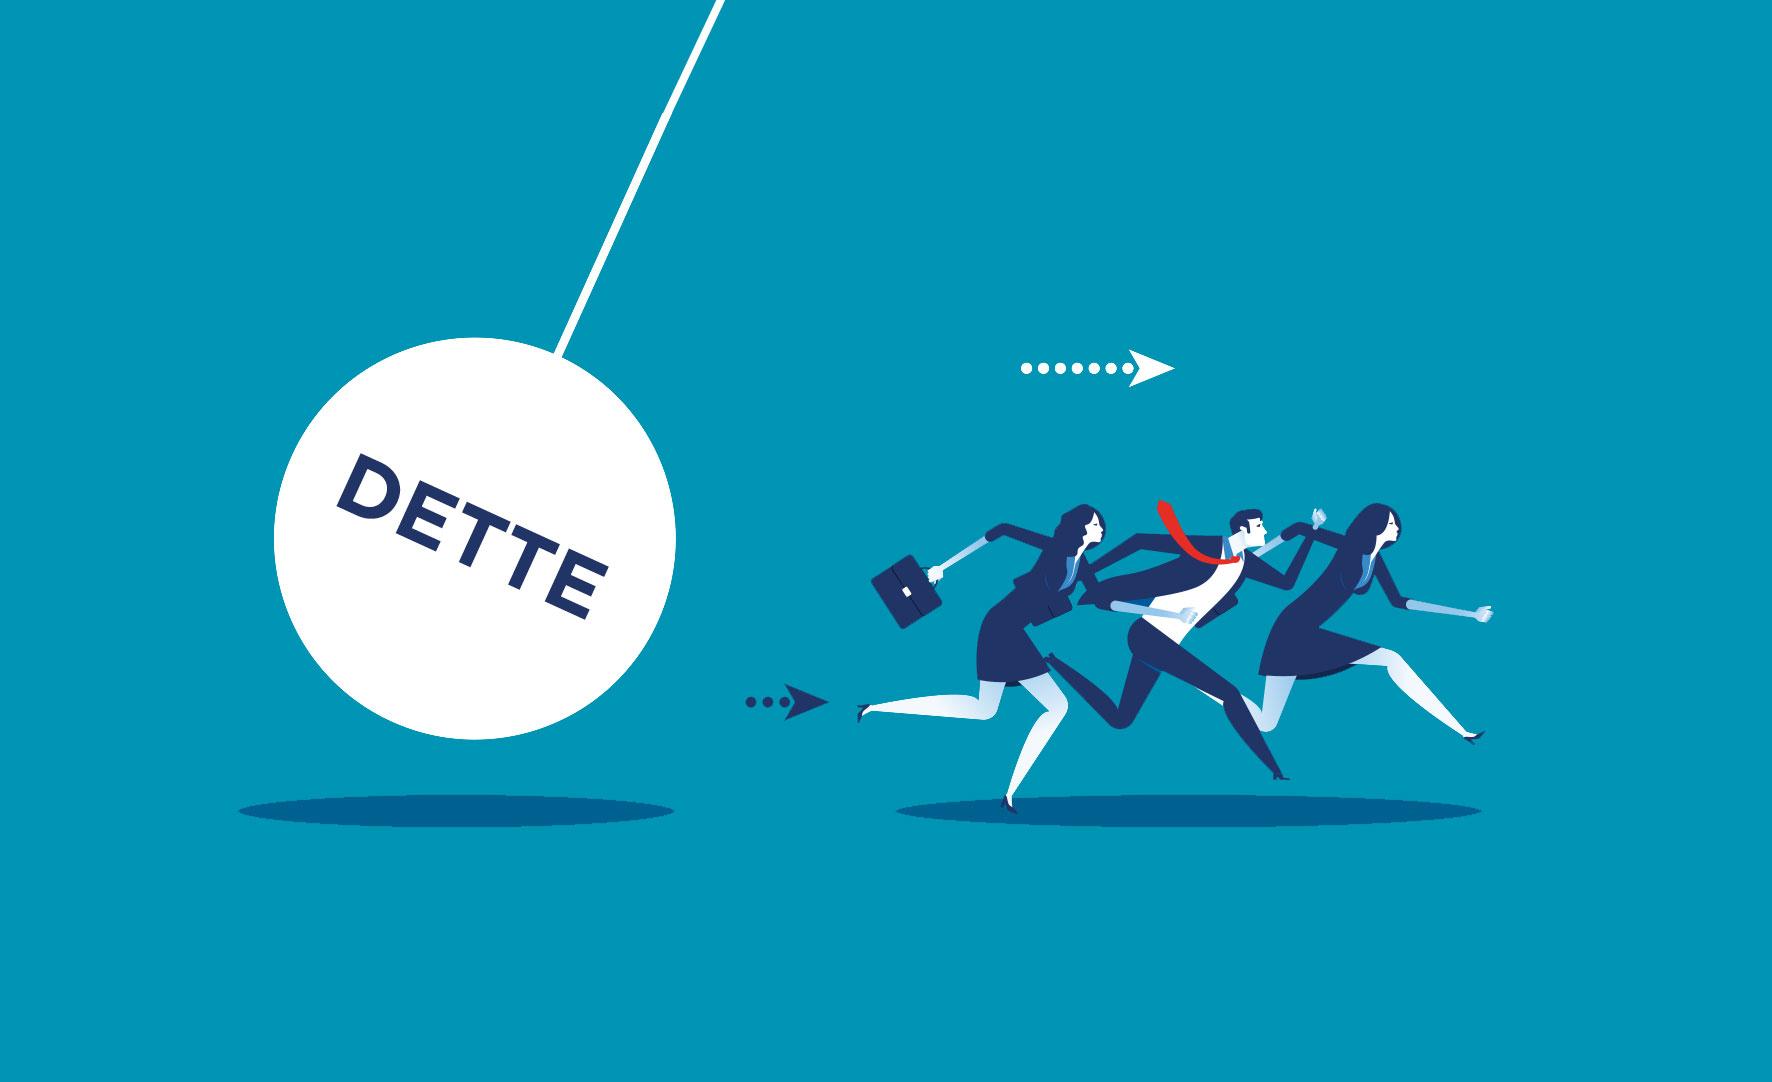 Nouveau numéro de Tone at the Top : La faillite de Carillion – Incompréhension des risques et auditeurs sous contrainte